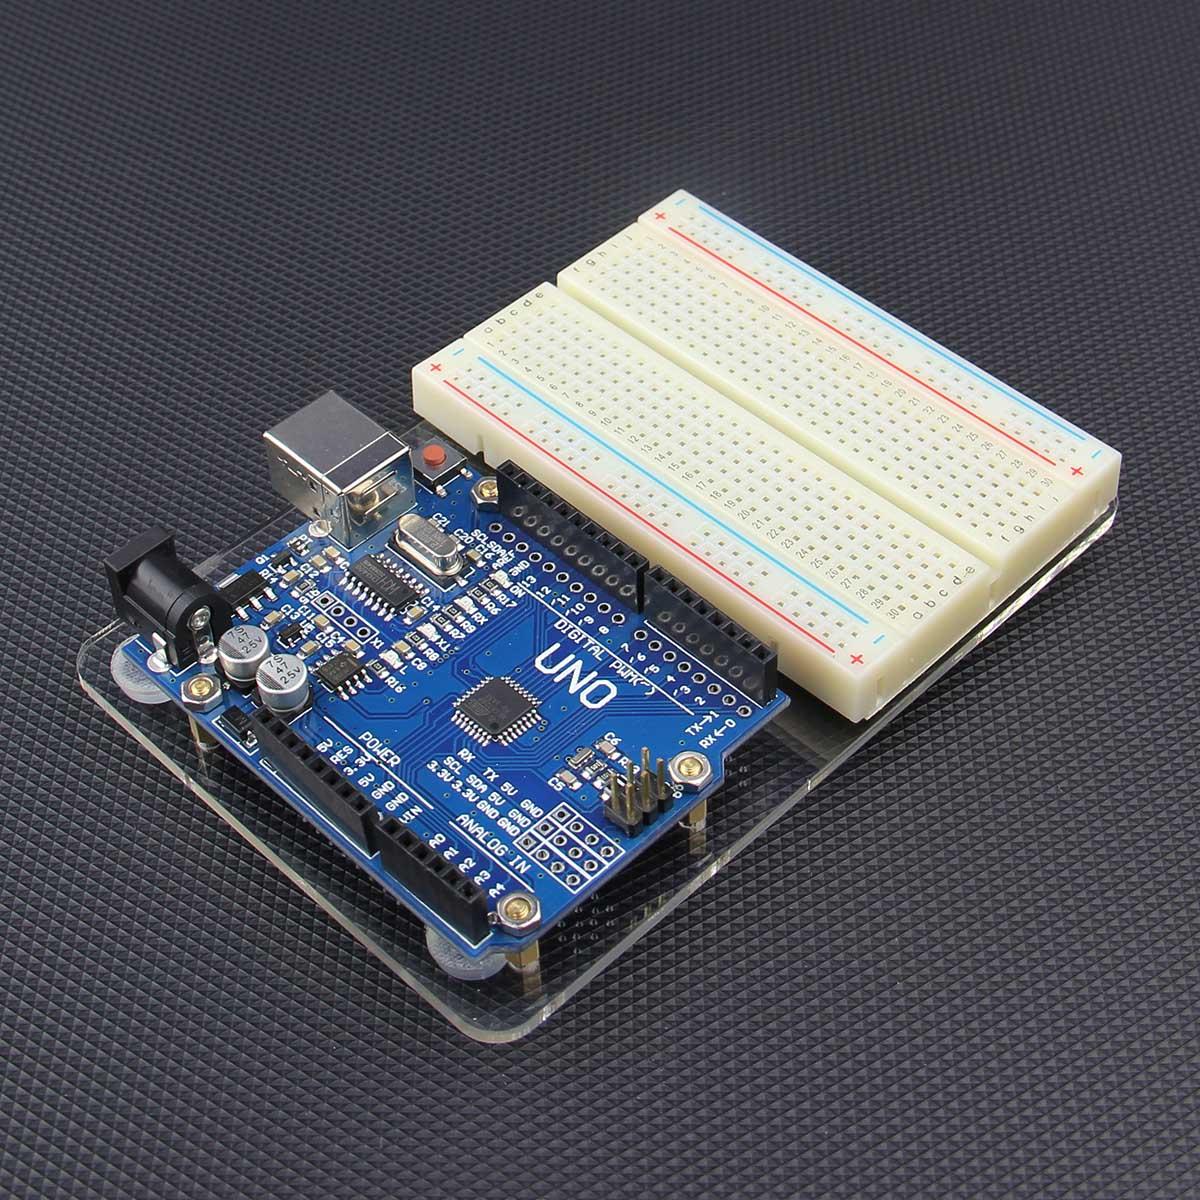 Acrylic experimental platform for arduino uno r board